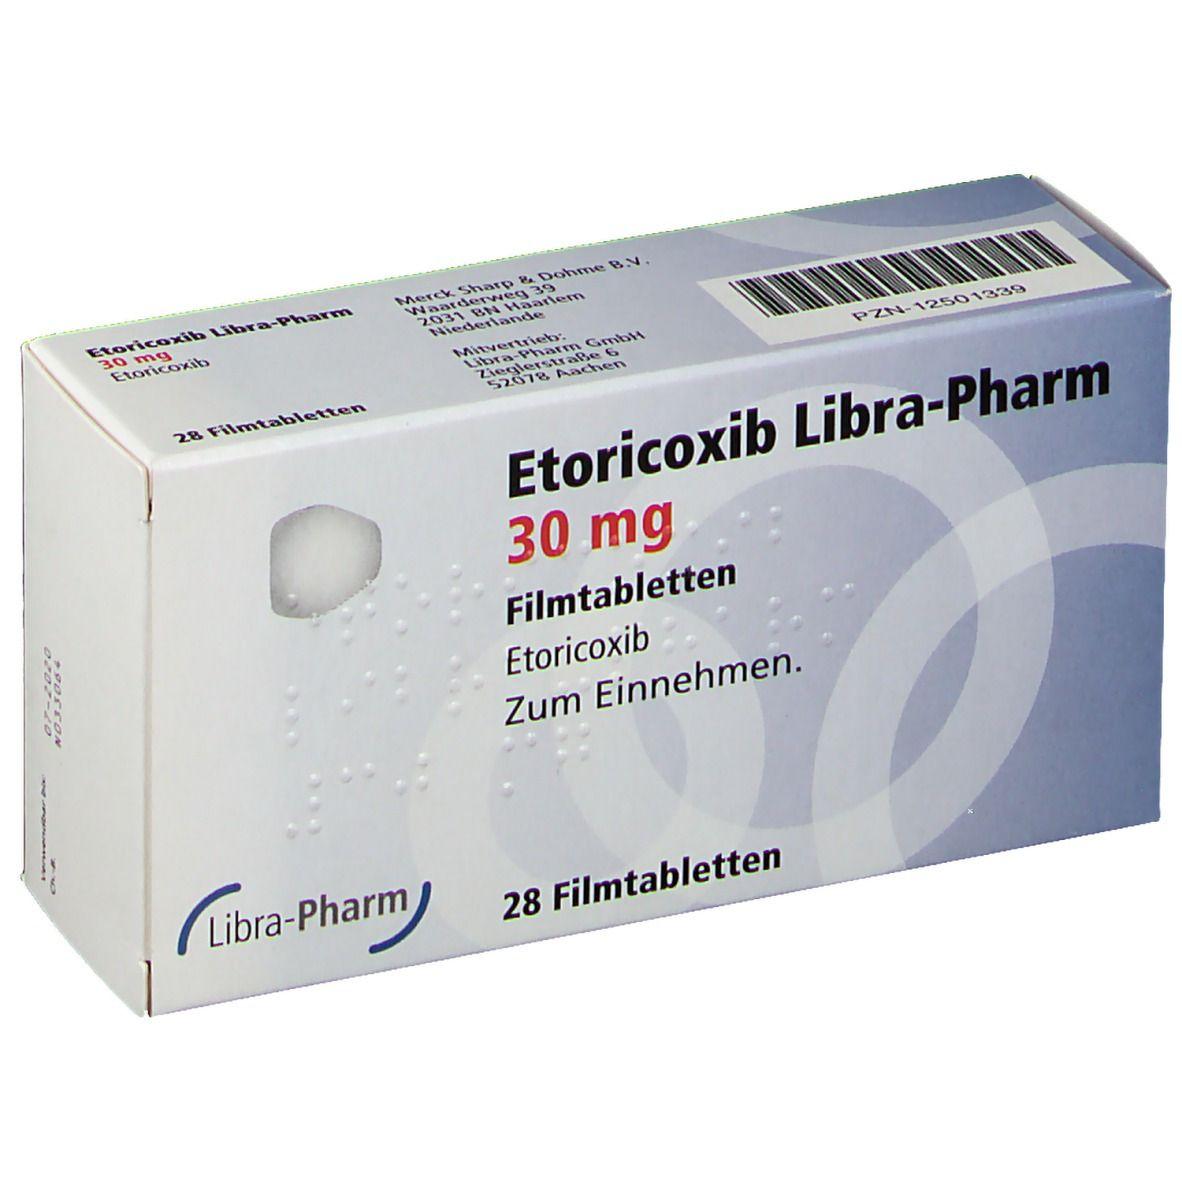 ETORICOXIB Libra-Pharm 30 mg Filmtabletten